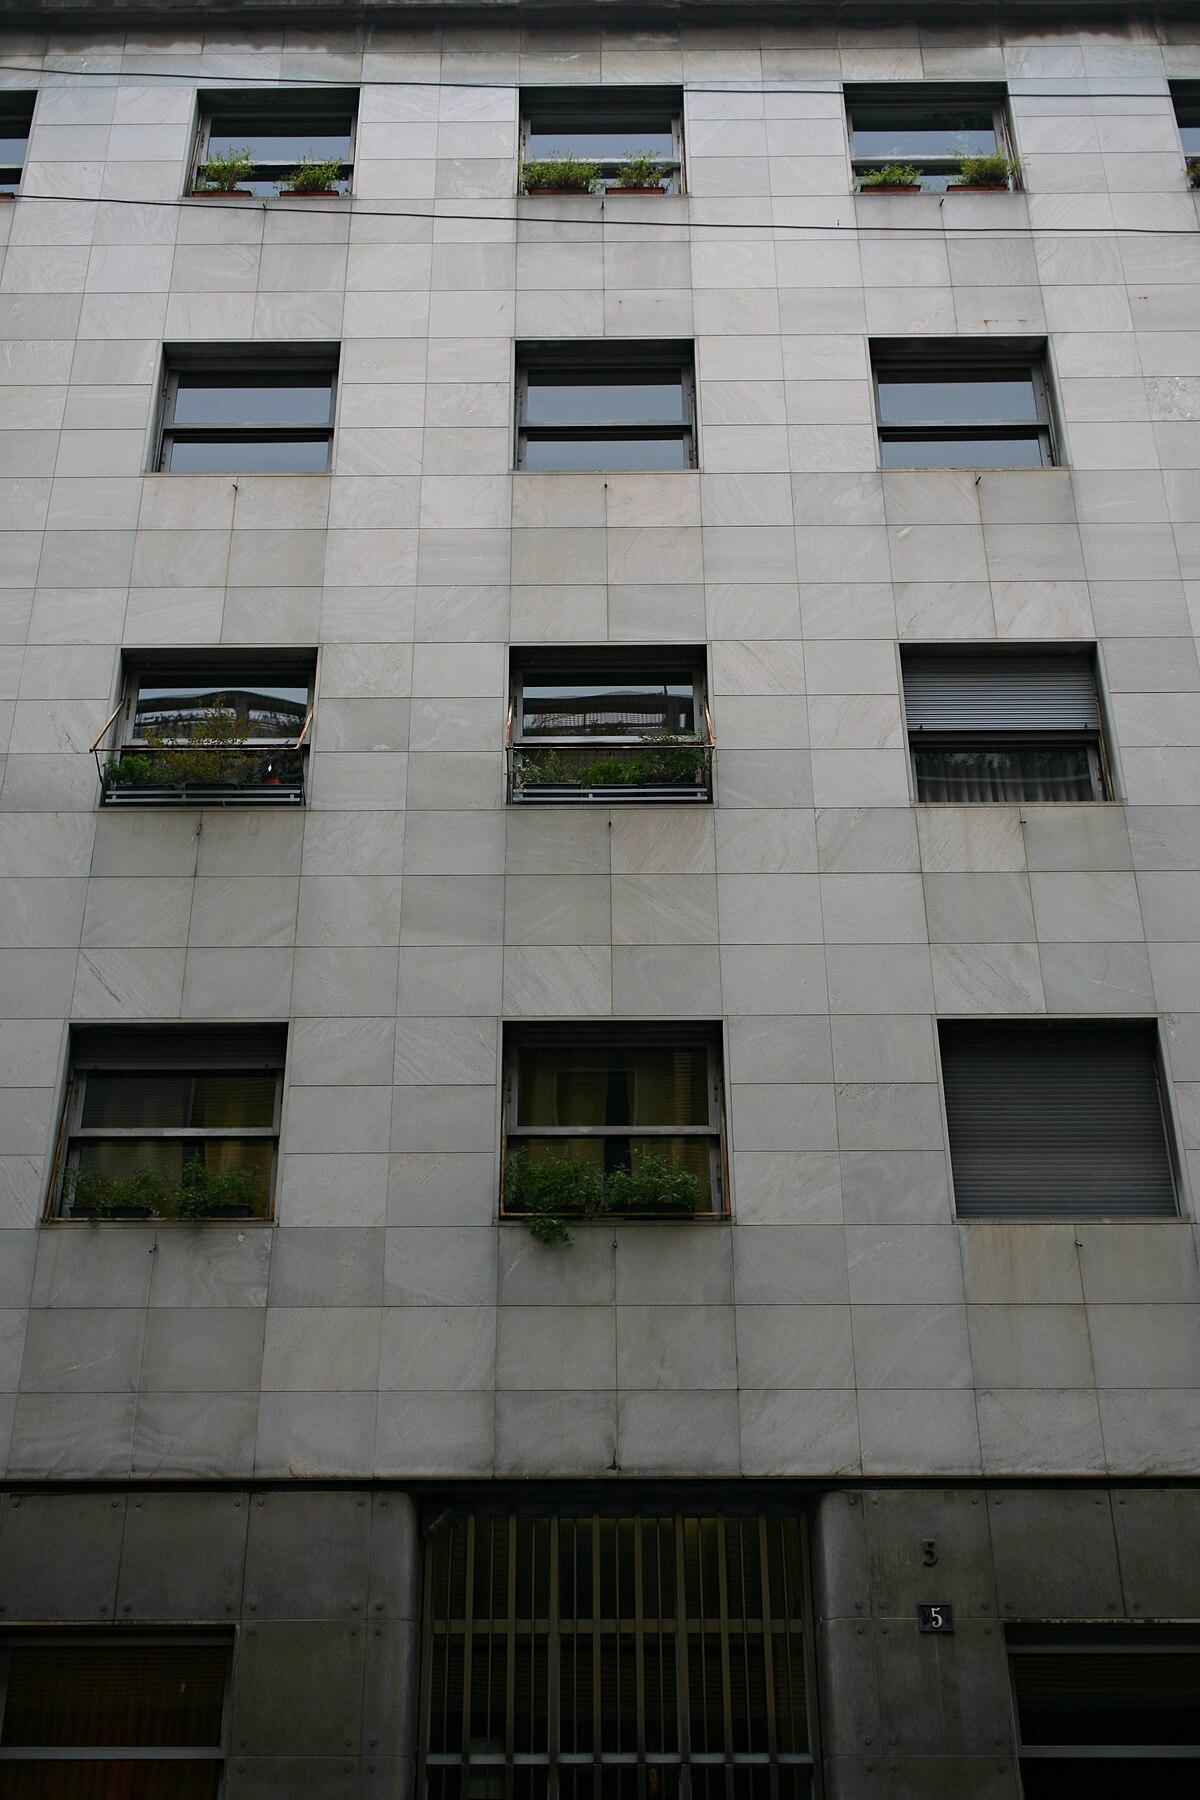 1200px-Casa_e_studio_Portaluppi%2C_via_Morozzo_della_Rocca%2C_5%2C_Milano.jpg